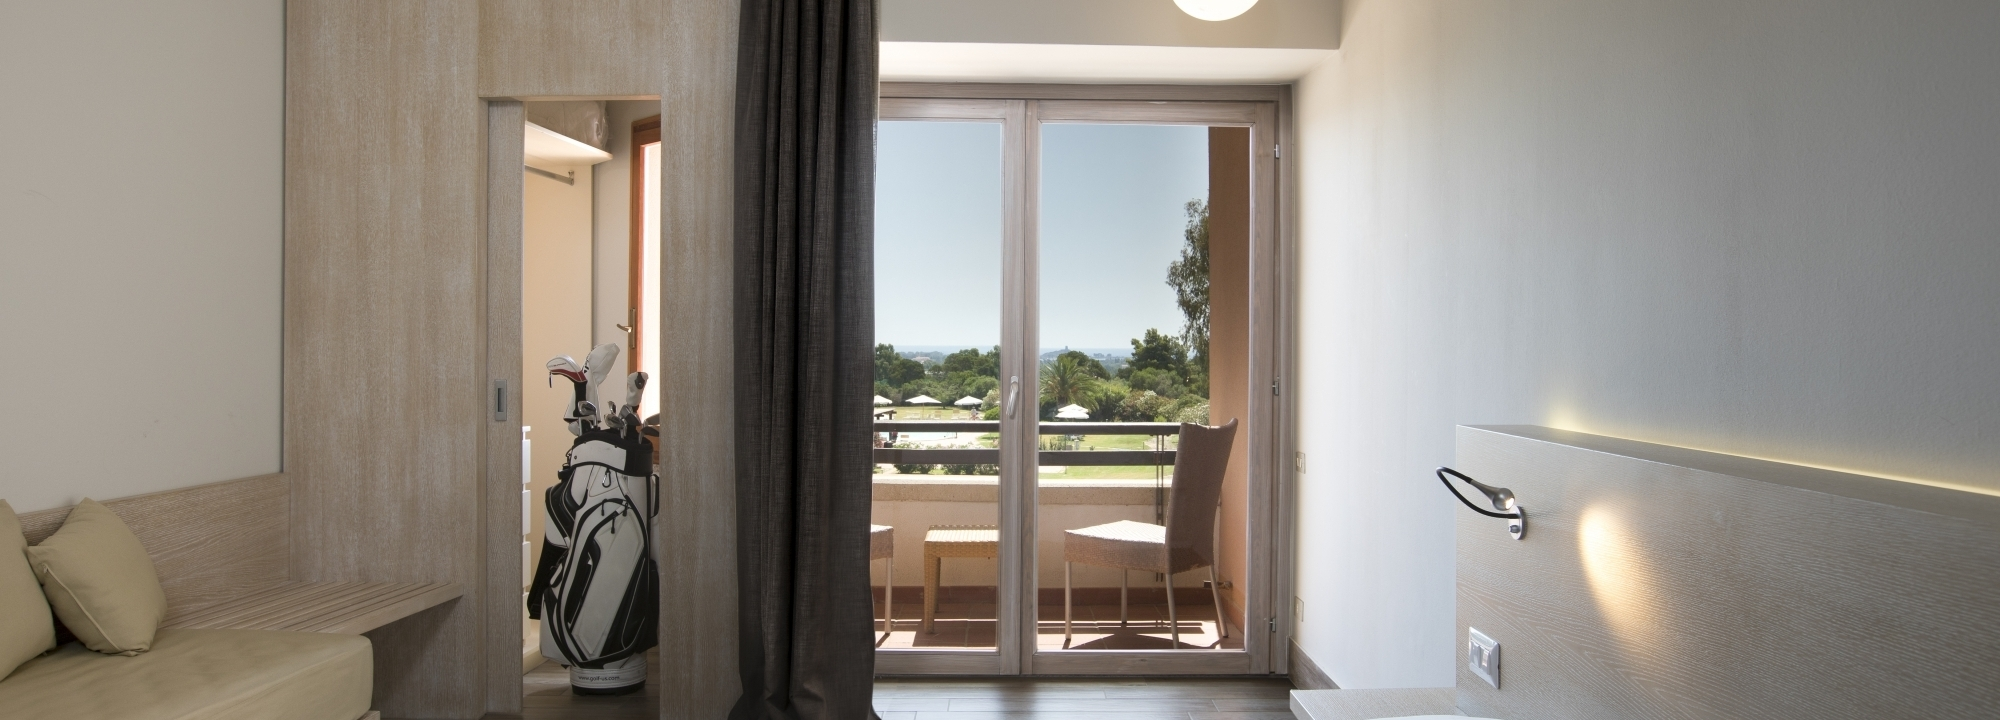 Camera Superior con balcone